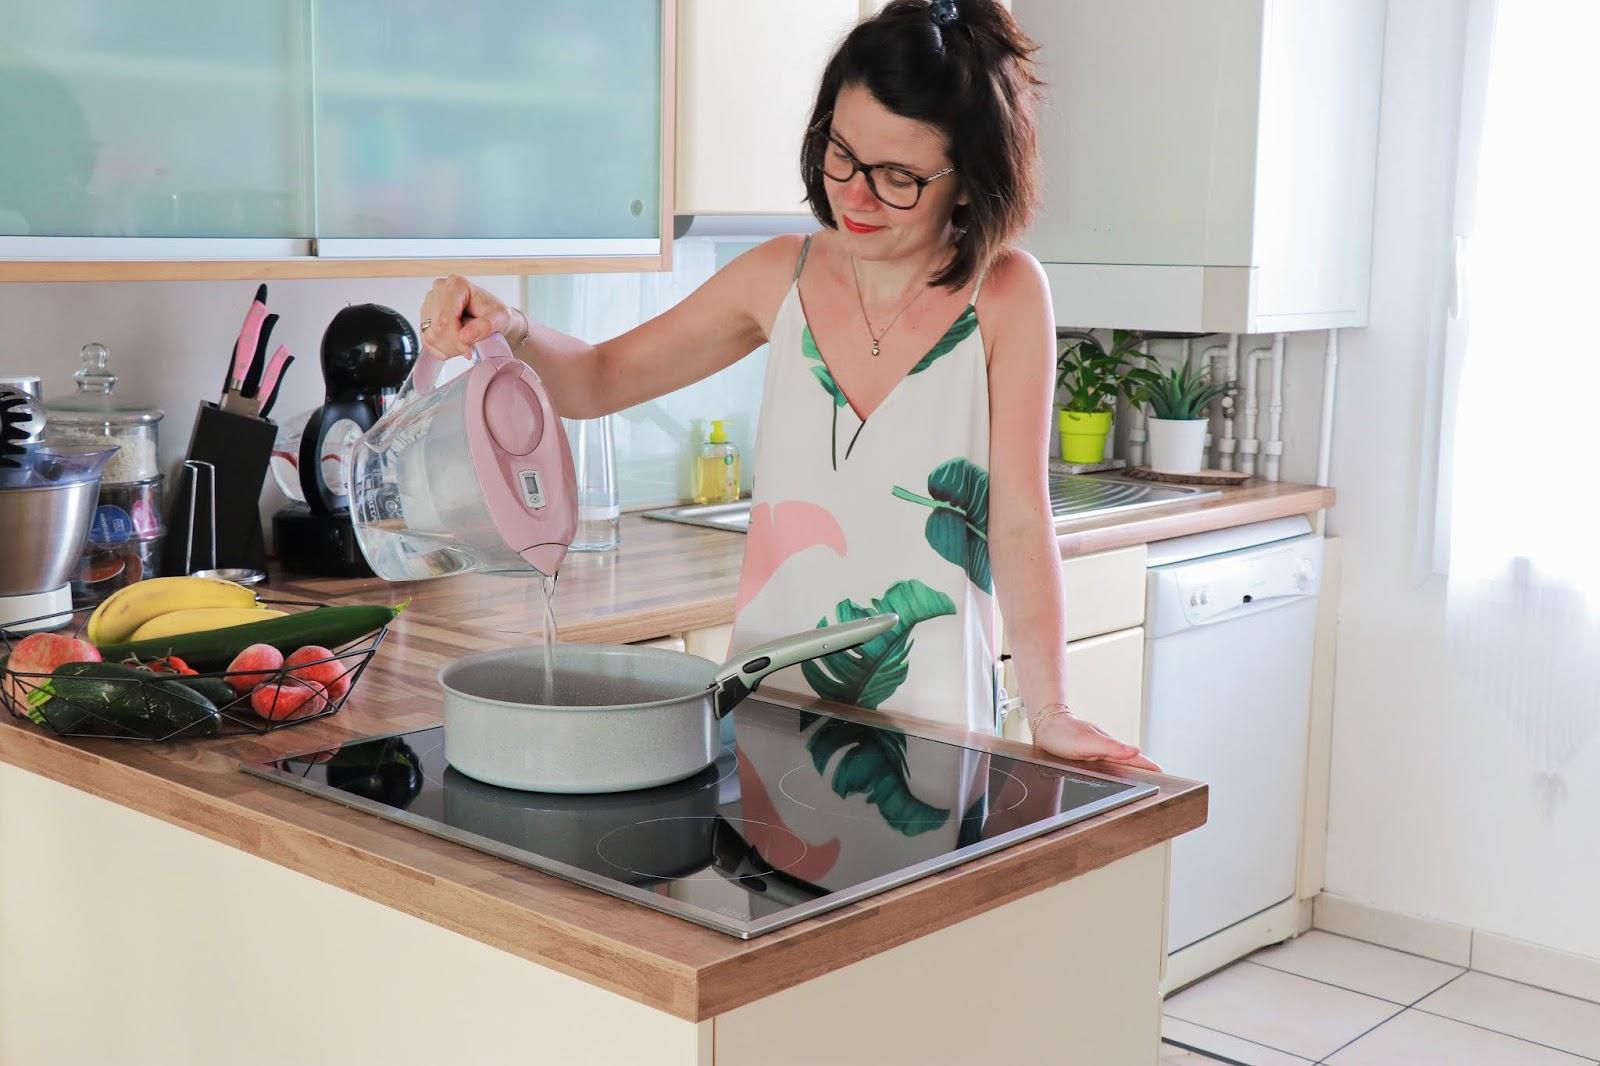 cuisine brita maison décoration déco intérieure carafe filtrante les gommettes de melo propriétaire shein marella